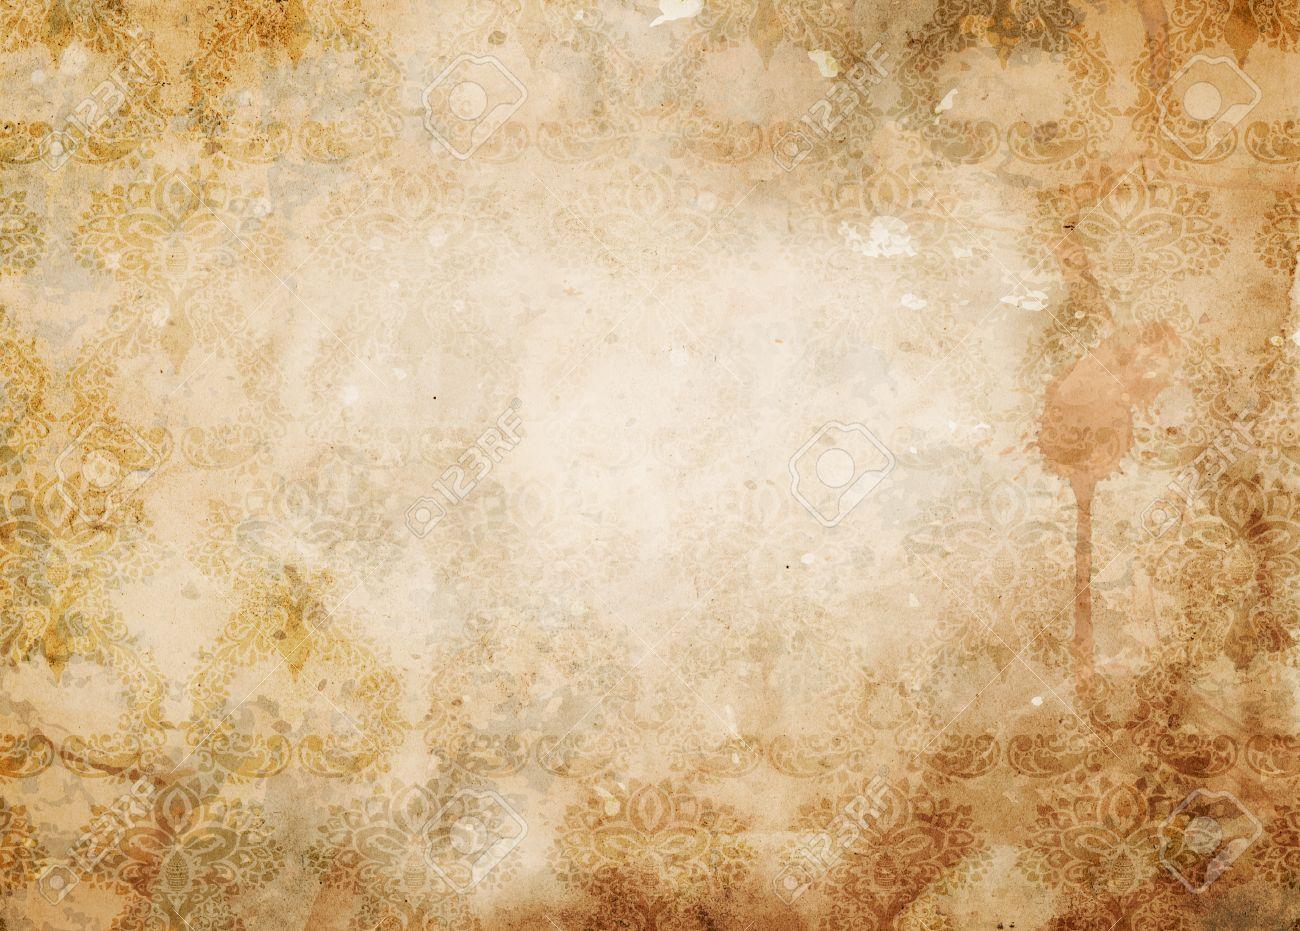 ビンテージ パターンとコーヒーのしみグランジ紙背景高齢化 デザイン